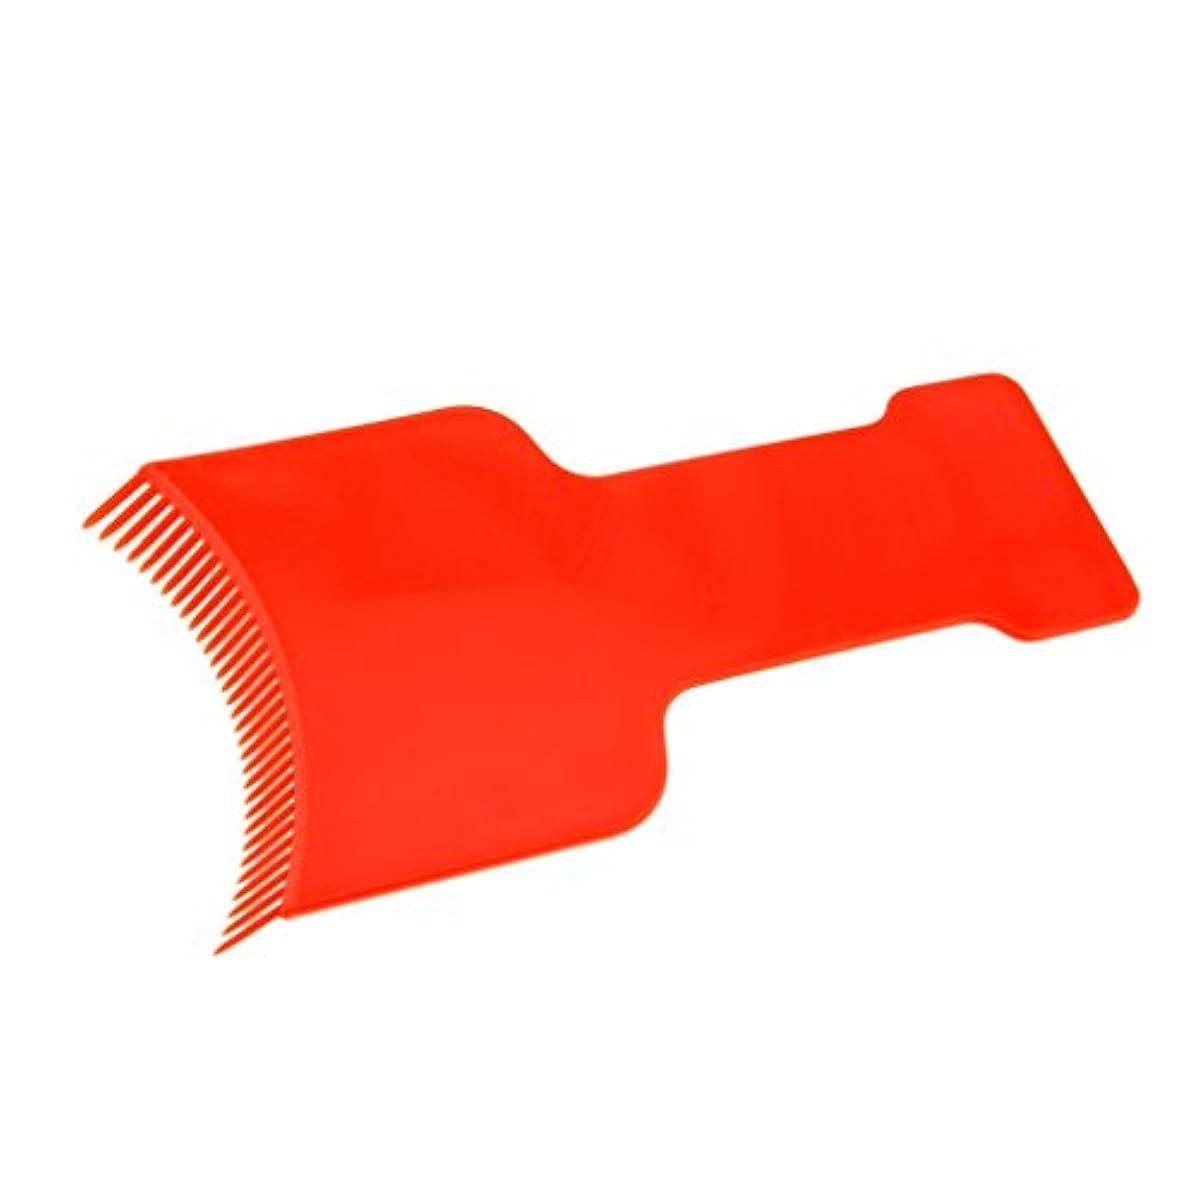 バンジージャンプサポートやさしくDYNWAVE 染色ボード 染色櫛 プレート ヘアダイコーム ヘアダイブラシ ヘアカラーリング用品